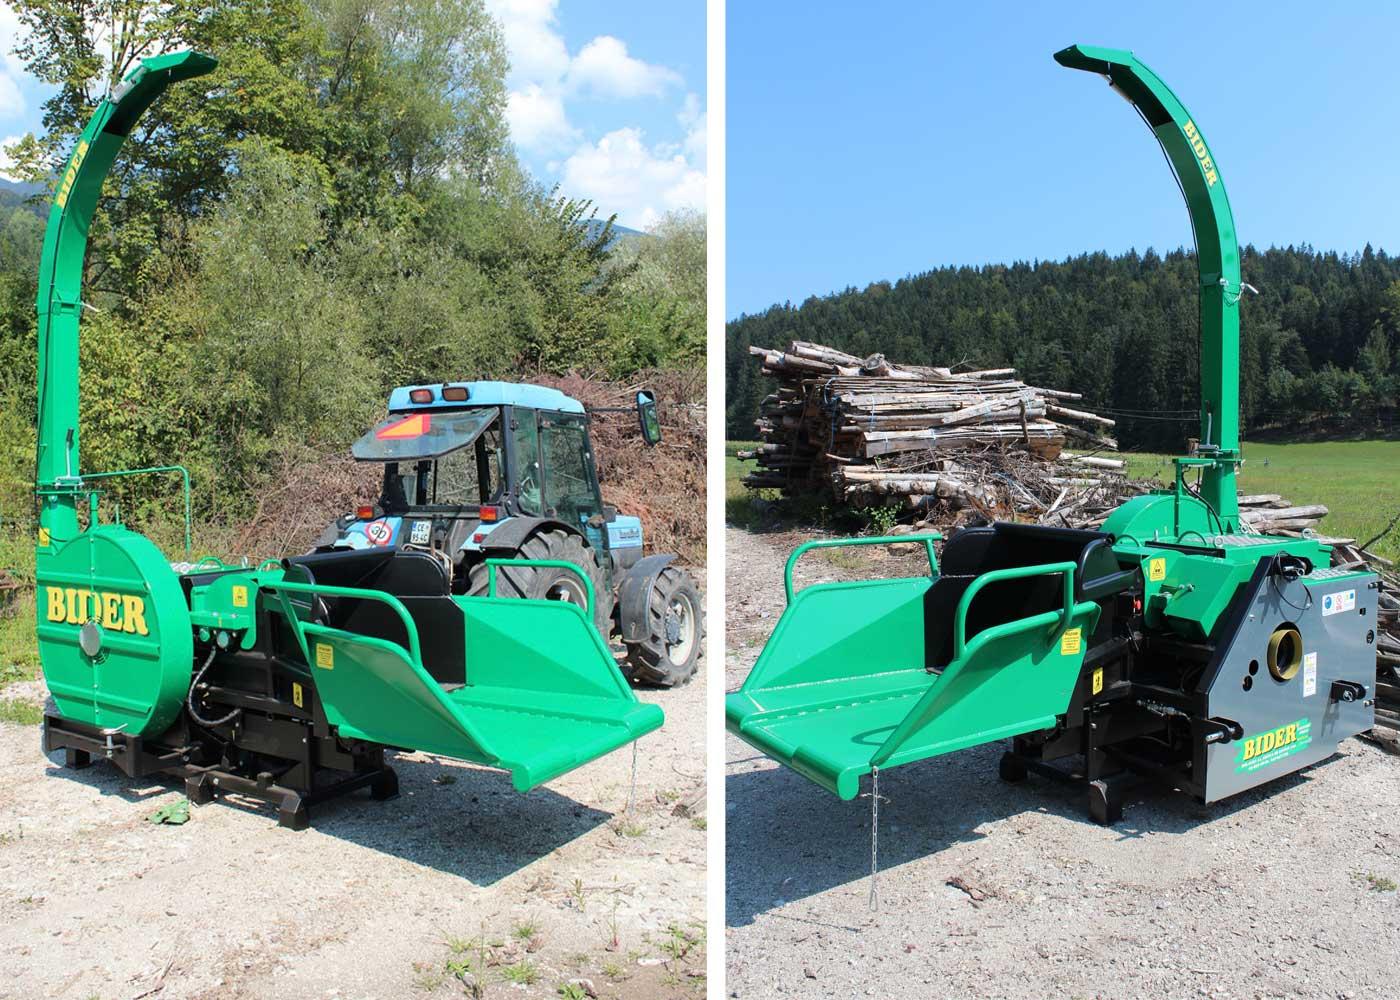 Traktorski sekalnik lesa BIDER TS 4535